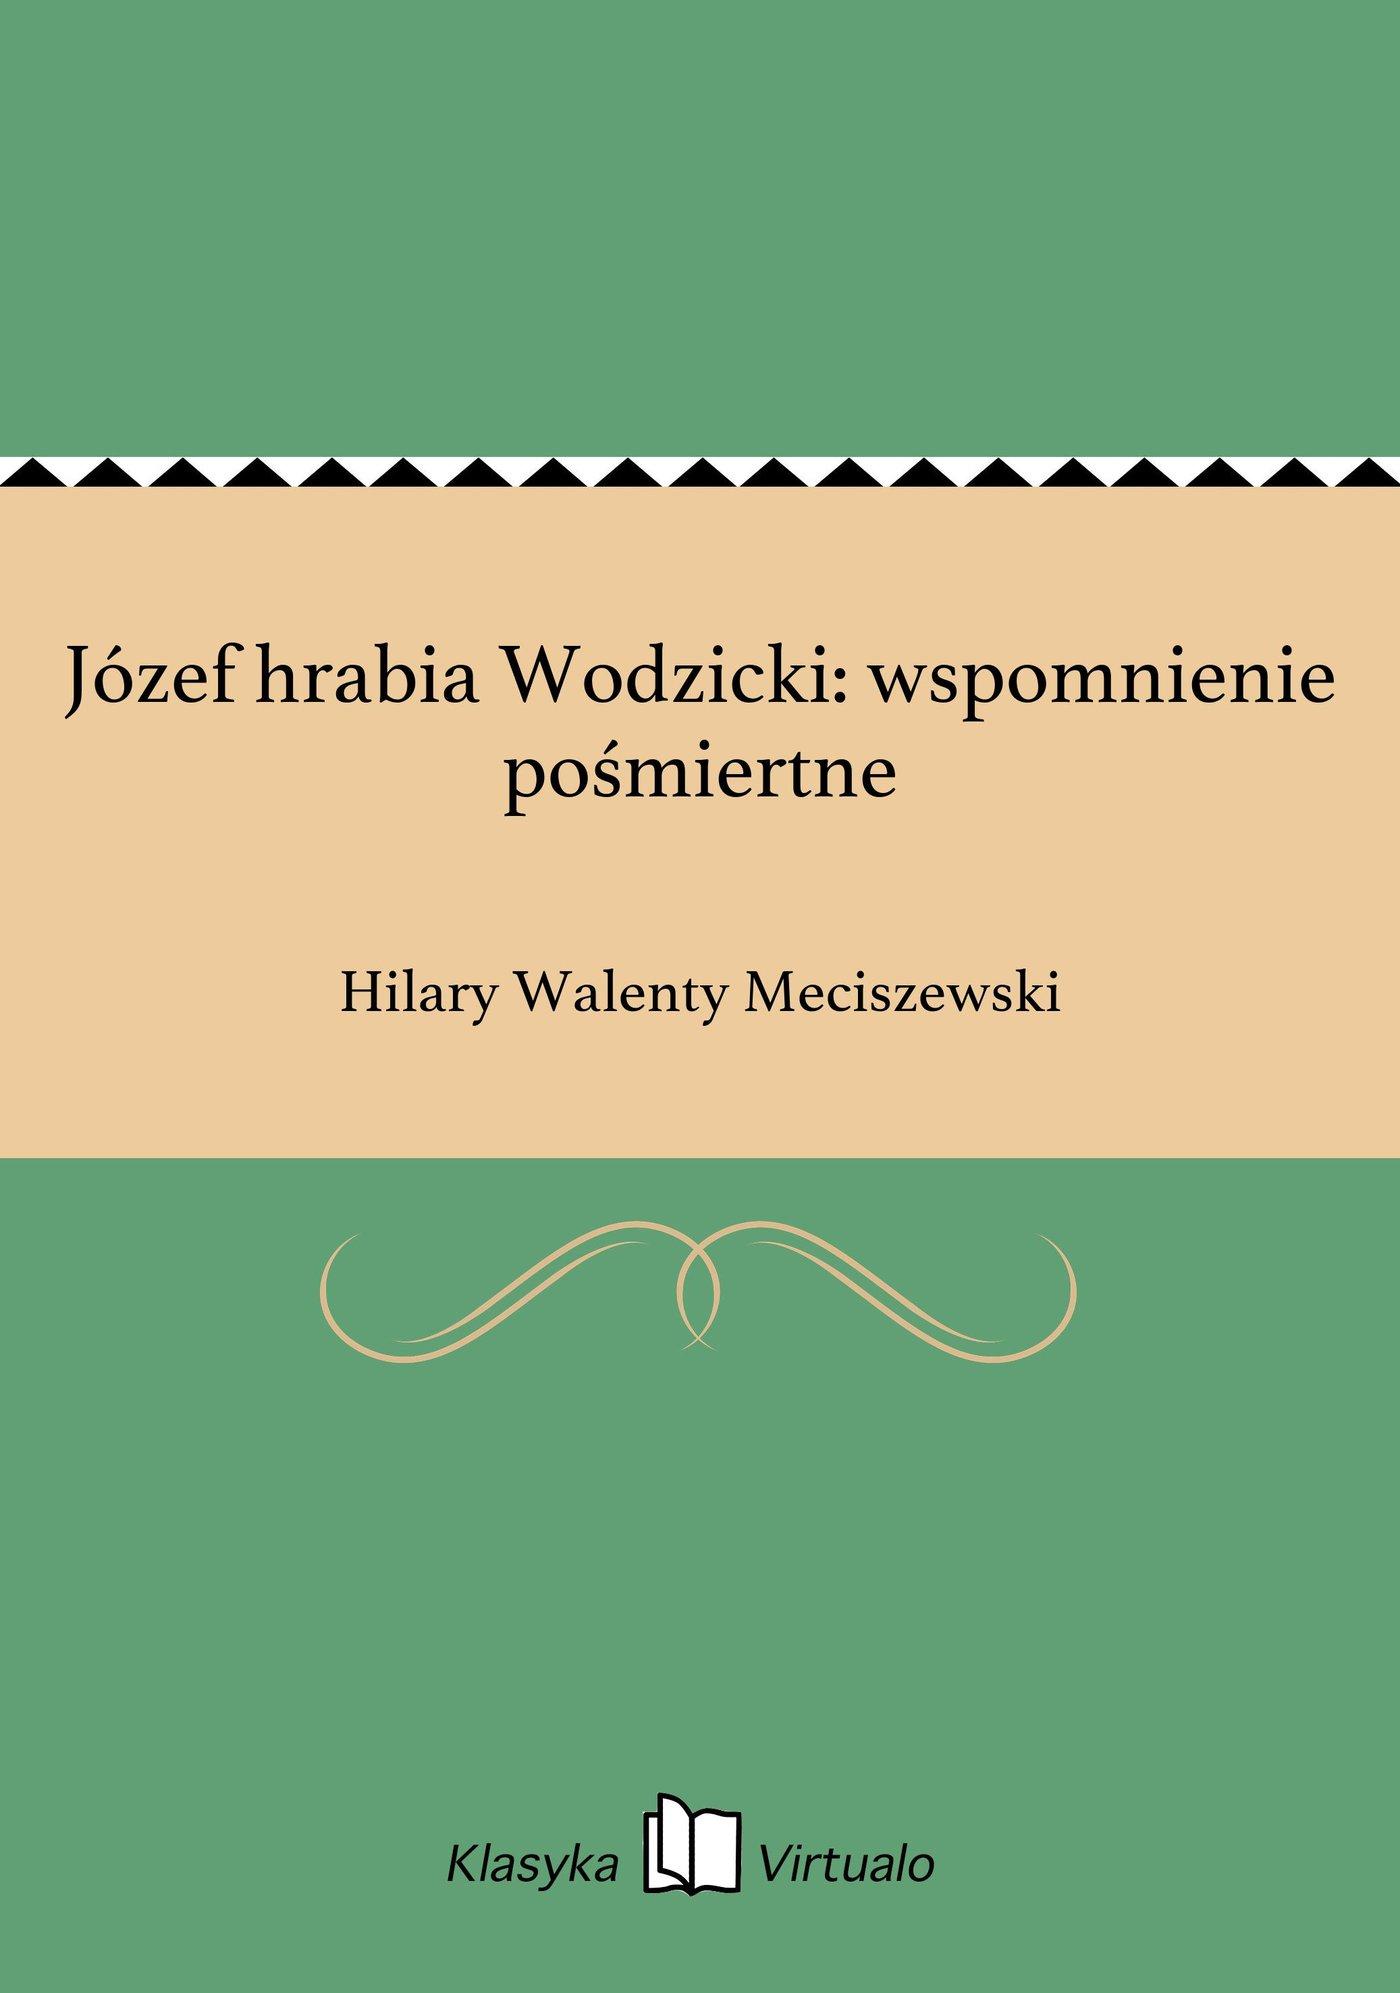 Józef hrabia Wodzicki: wspomnienie pośmiertne - Ebook (Książka EPUB) do pobrania w formacie EPUB